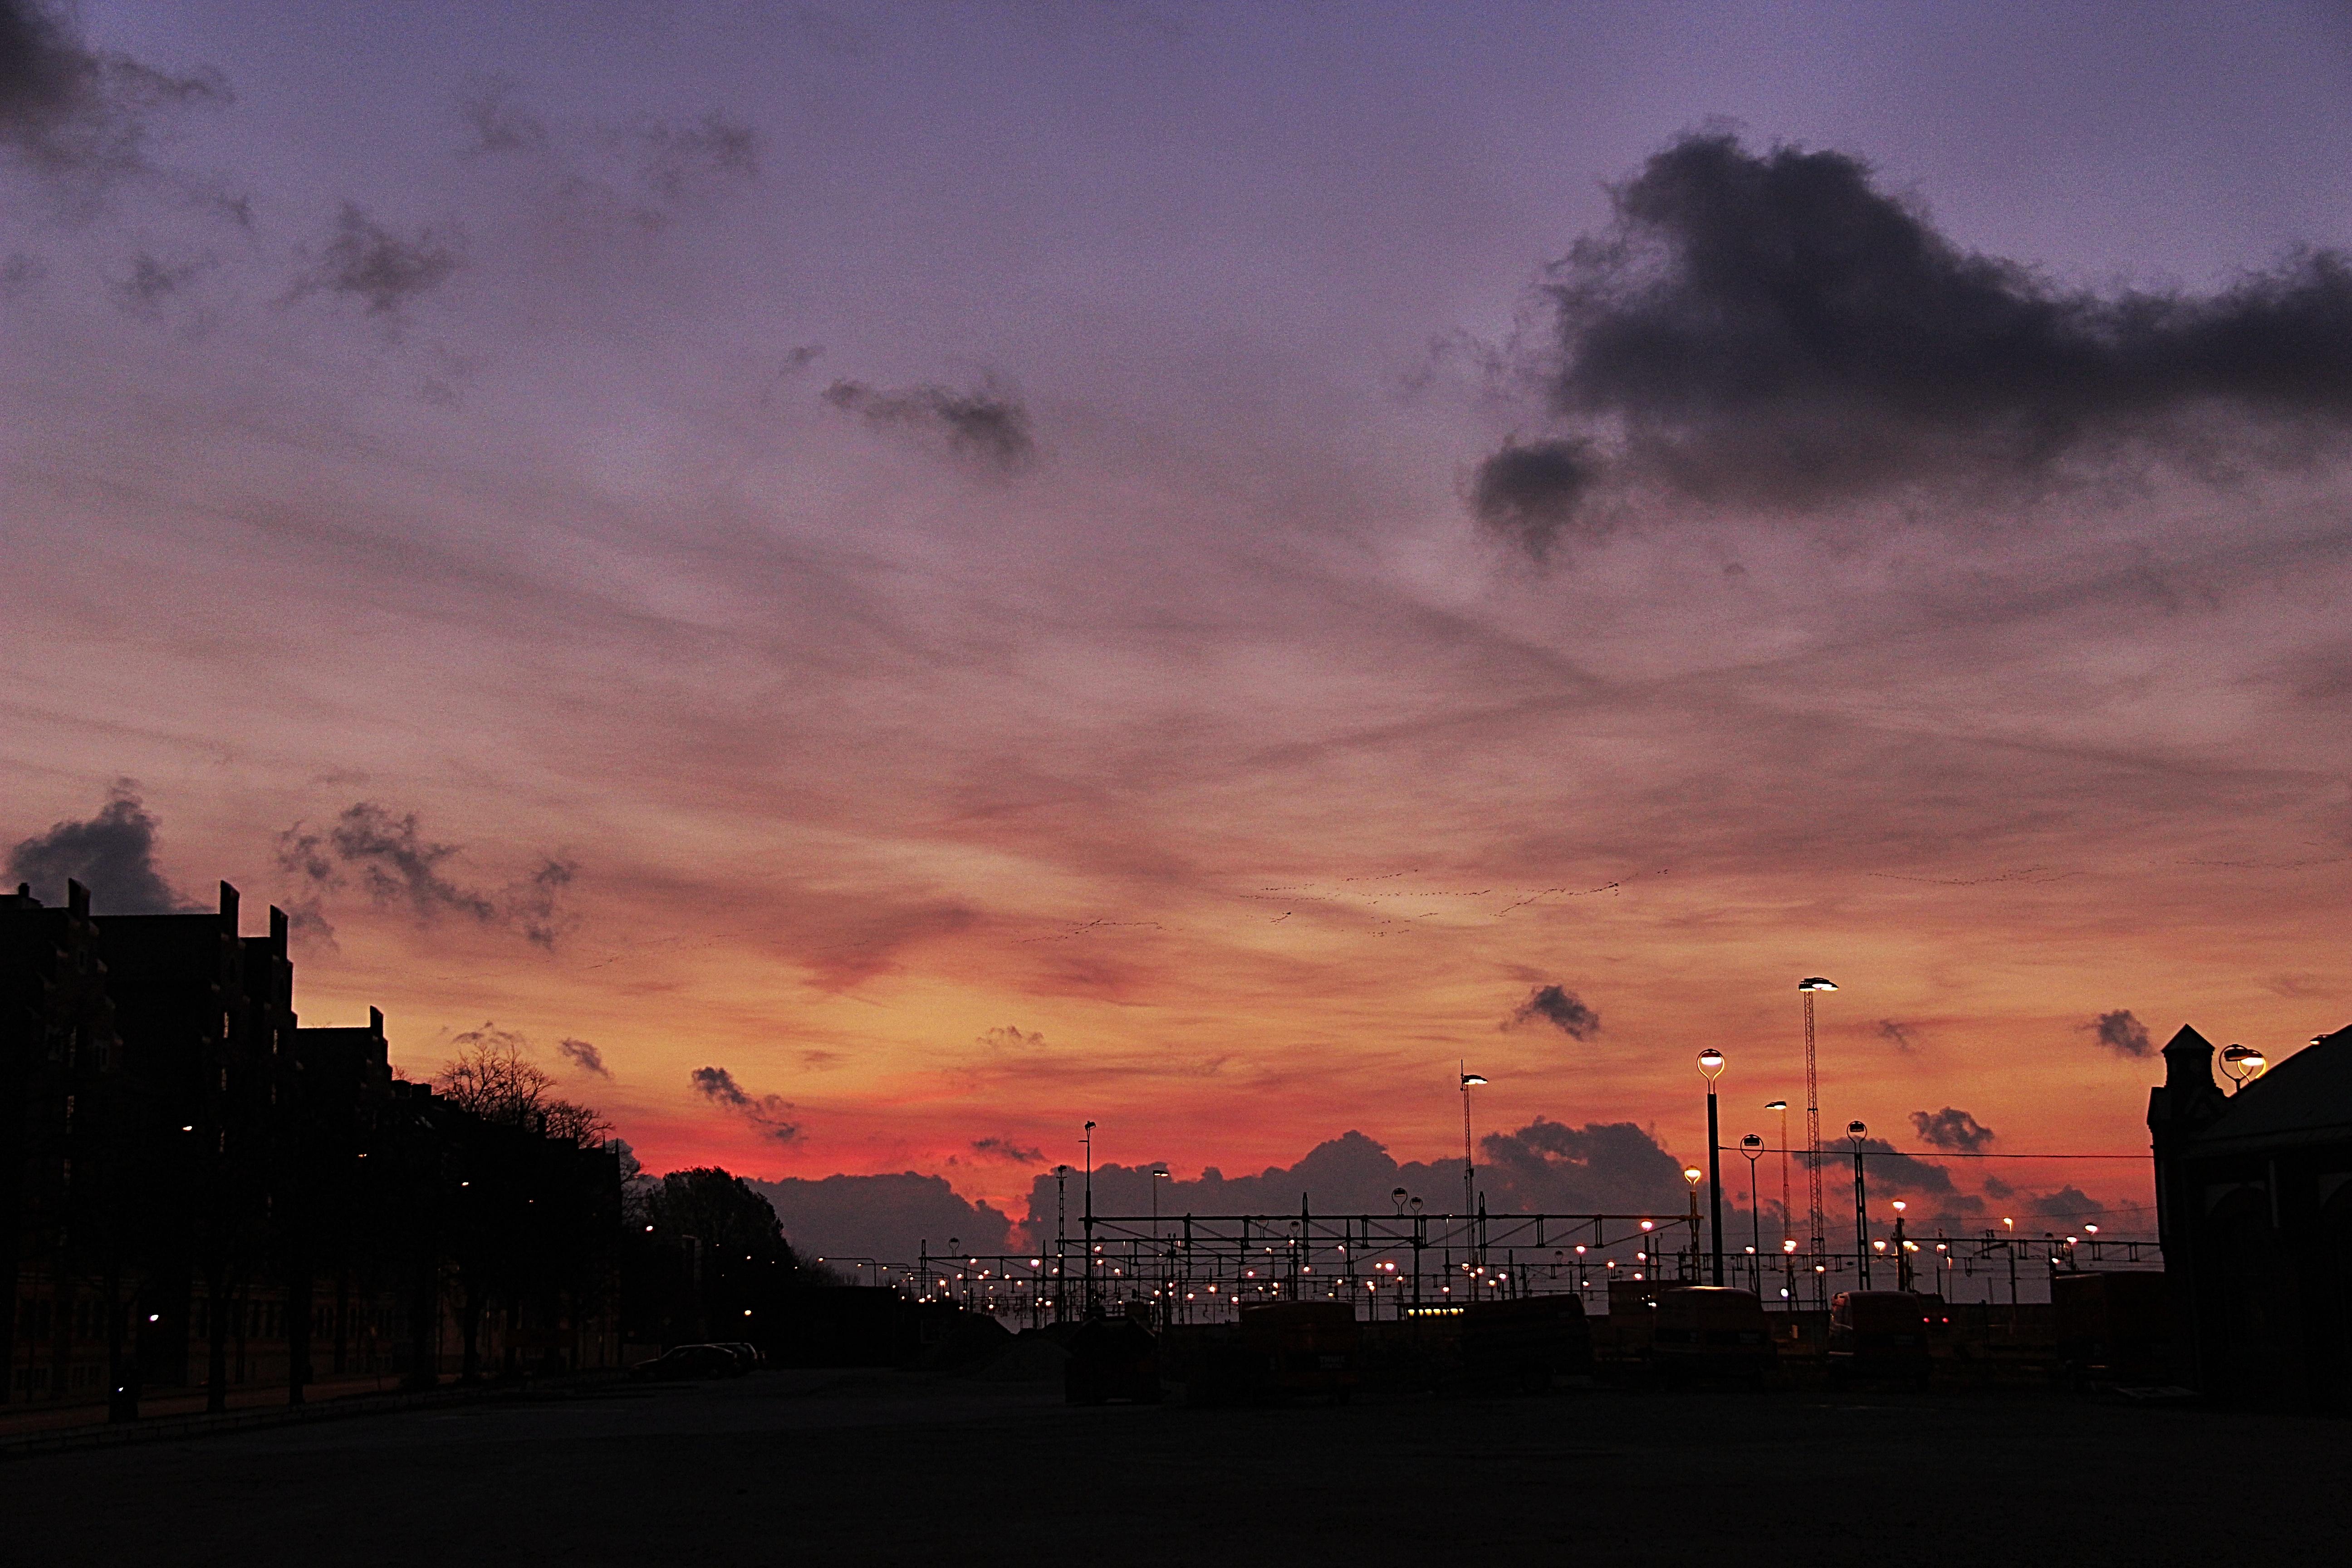 красивая картинка заката в городе основы бодибилдинга для